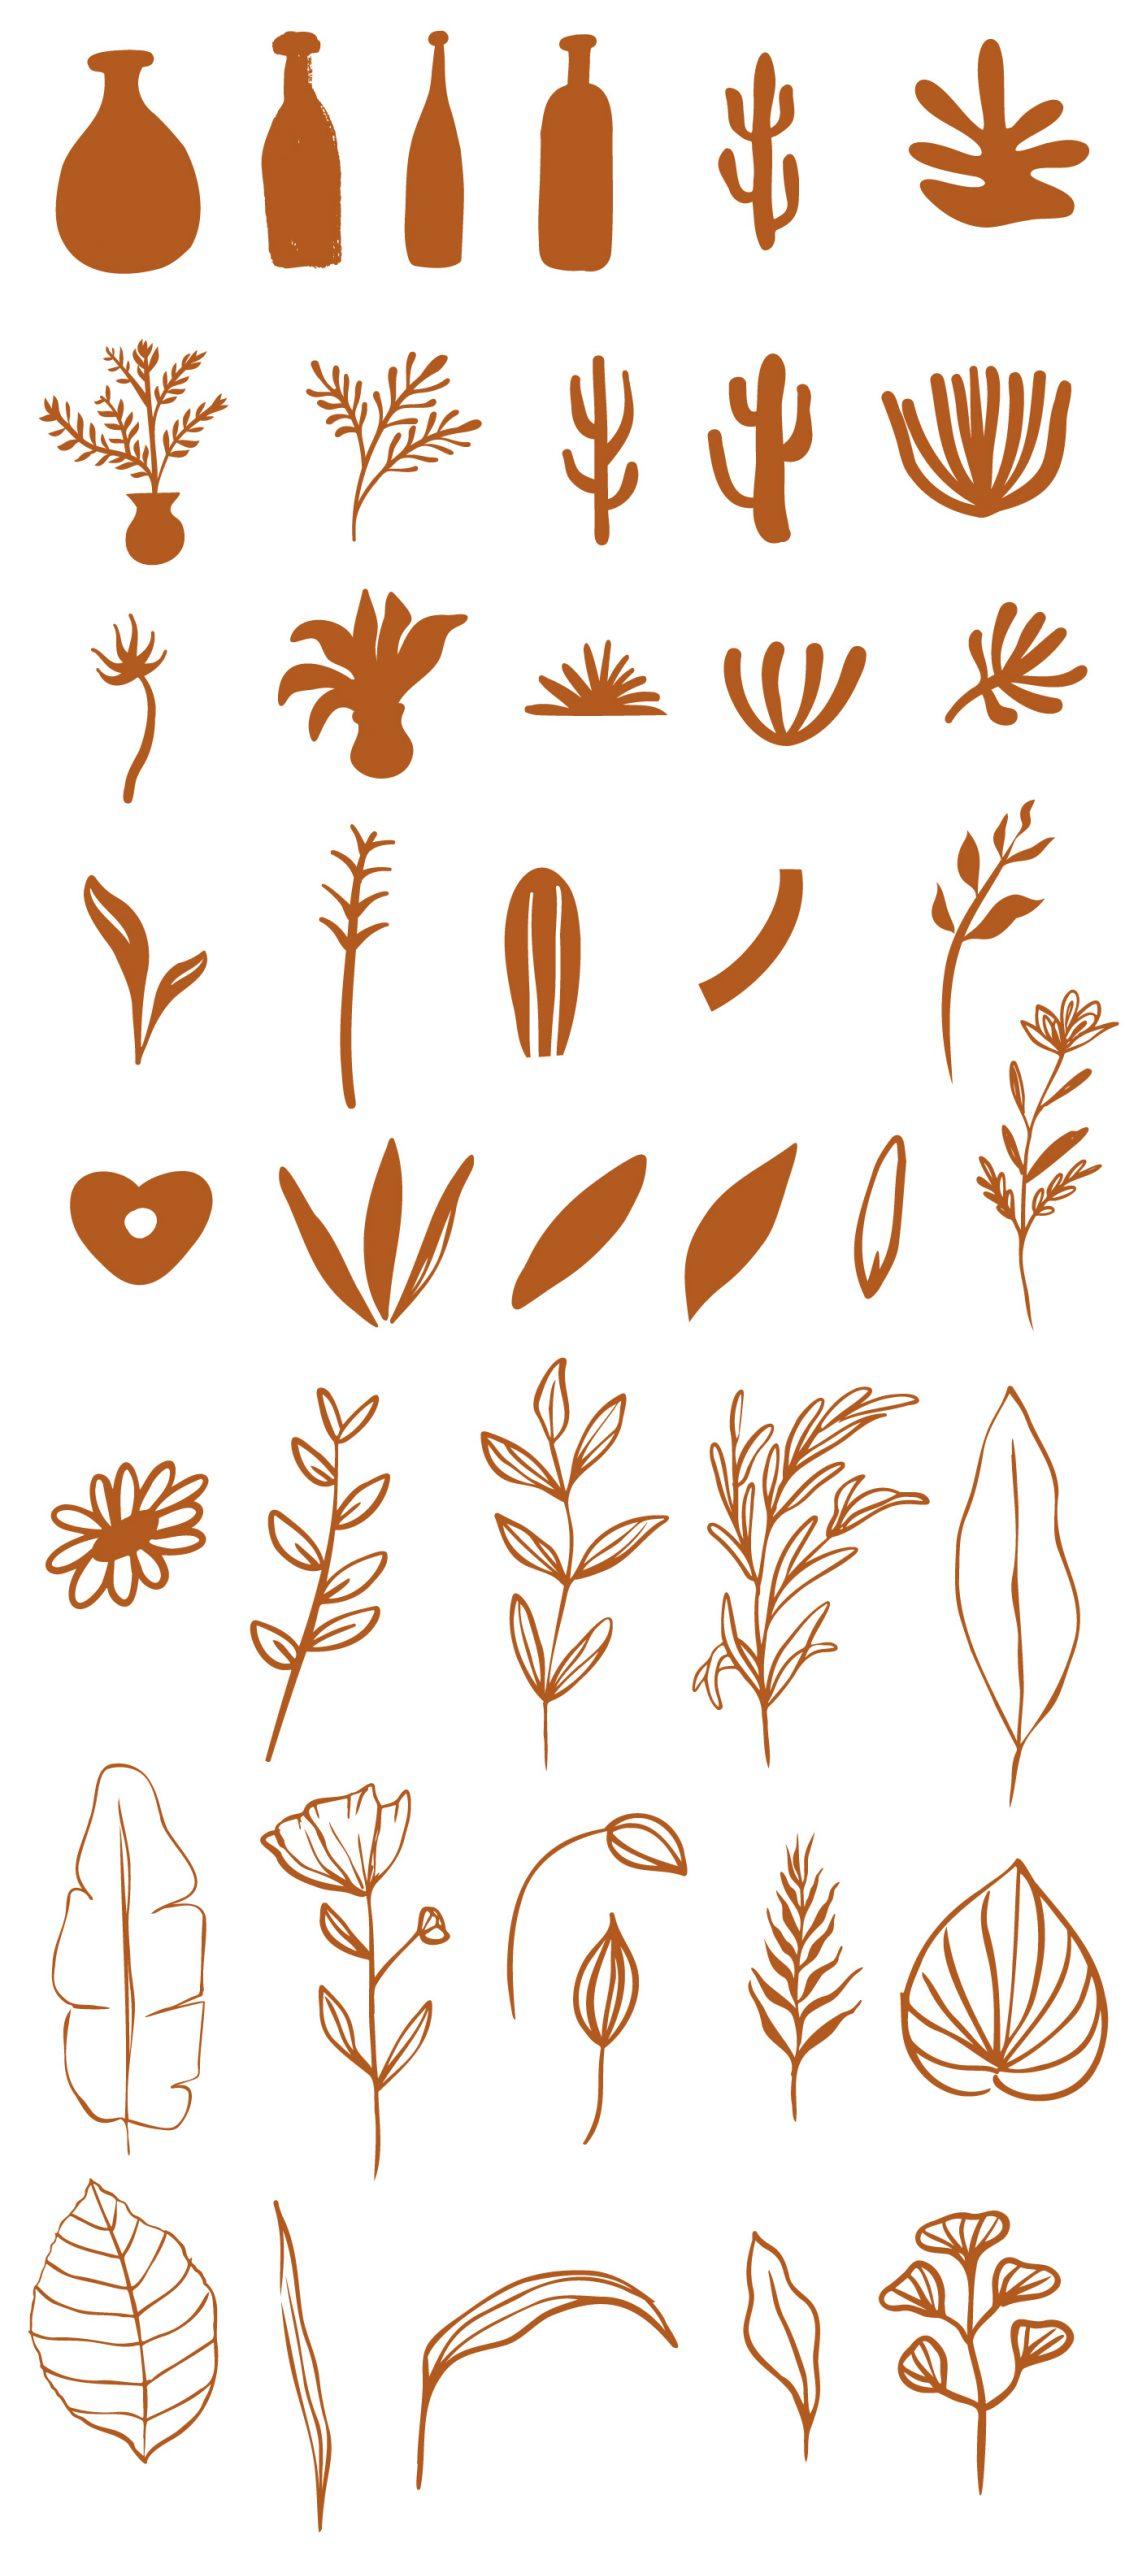 Abstract Handdrawn Organic Shapes